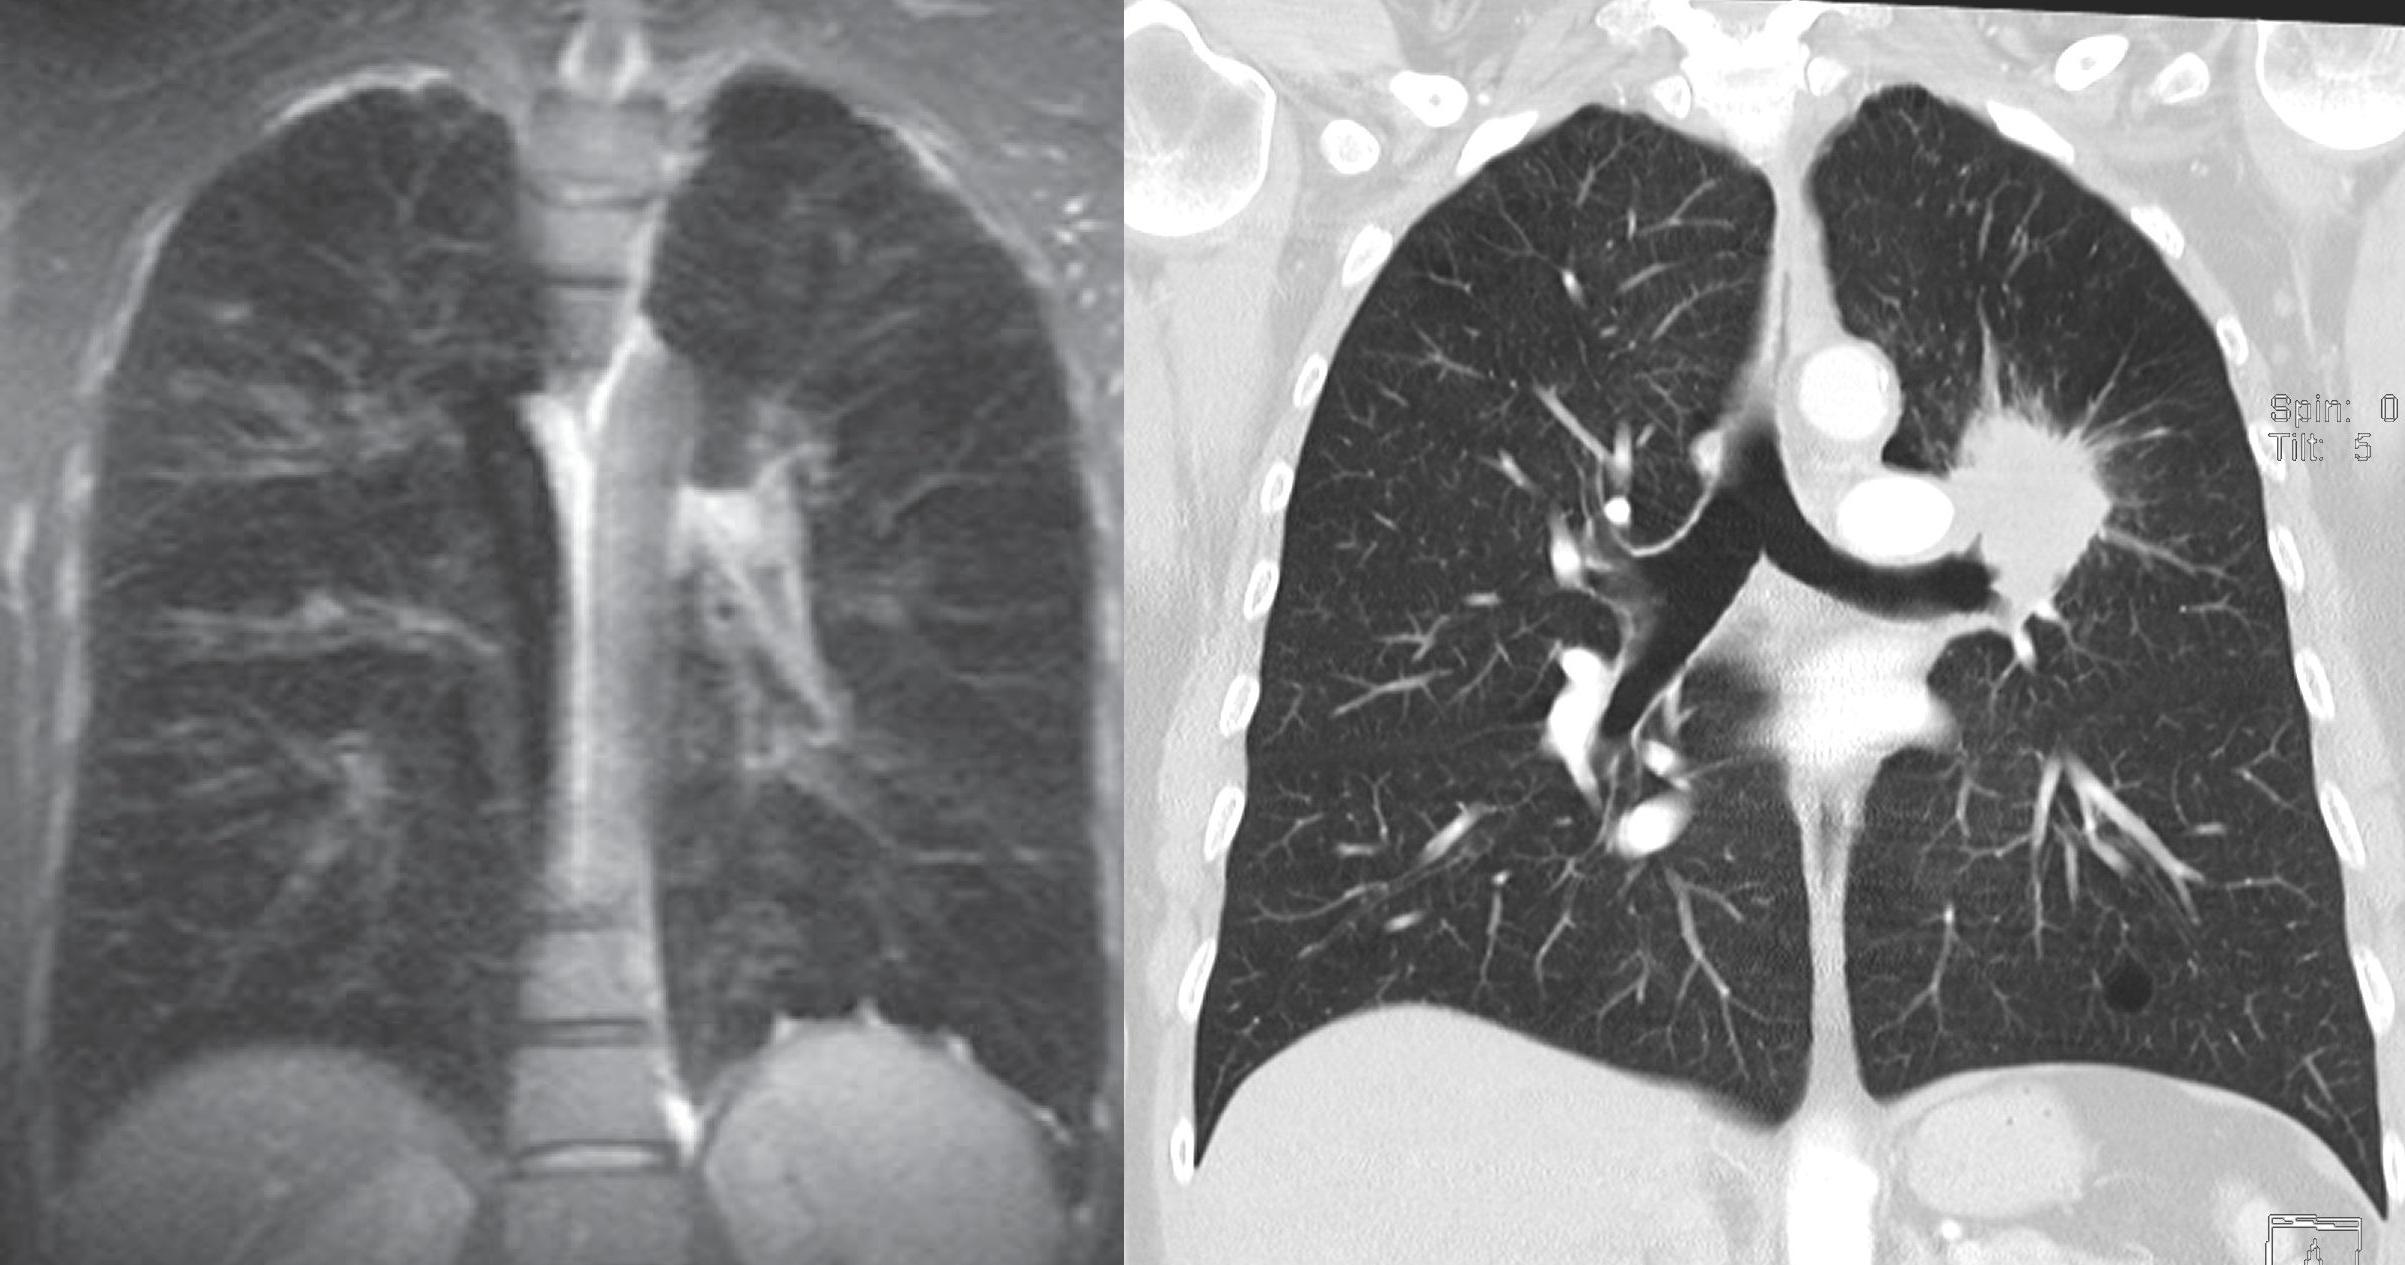 Это томограммы легких. Слева МРТ, в справа КТ. Контрастность и чёткость изображения справа существенно лучше.